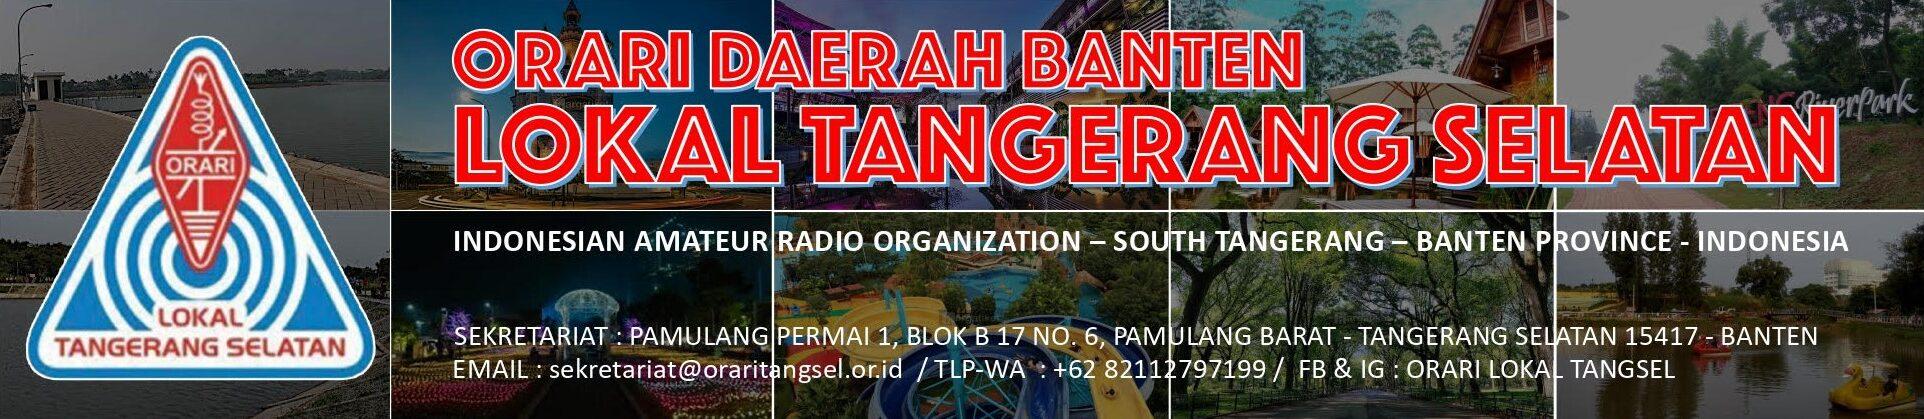 ORARI Lokal Tangerang Selatan